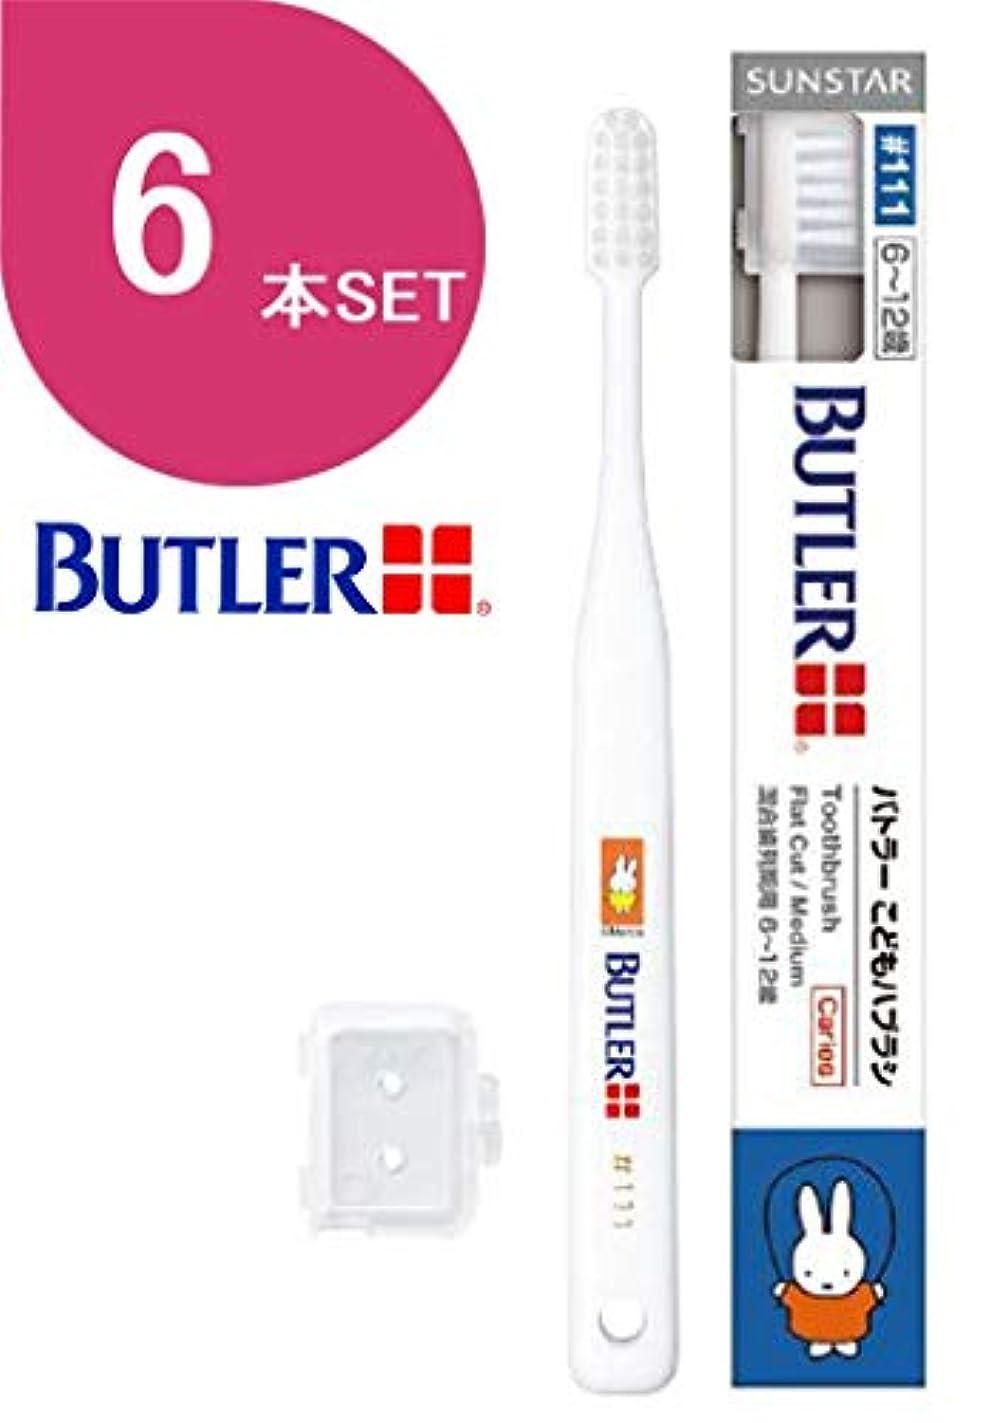 遊びますメドレー残基サンスター バトラー(BUTLER) 歯ブラシ ミッフィーシリーズ 6本 #111 (6~12才混合歯列期用)